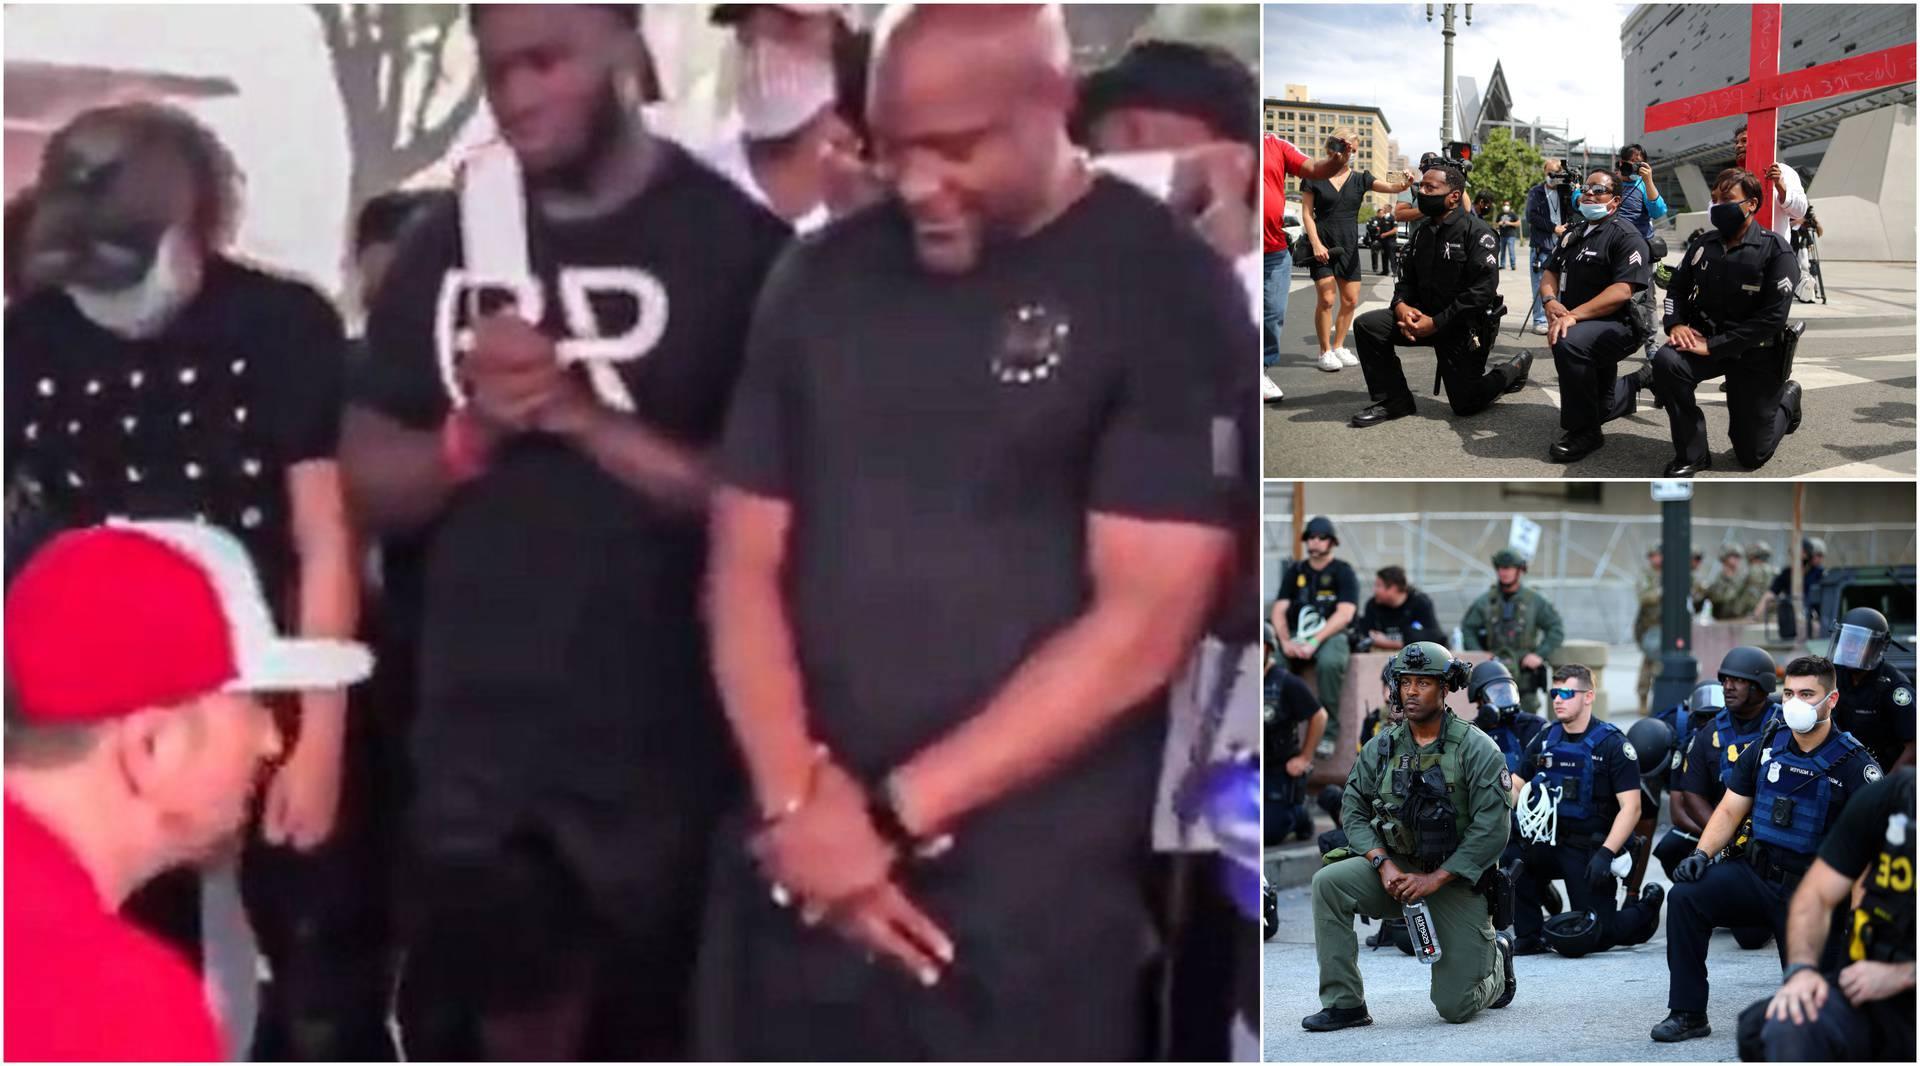 Iz Amerike se širi snimka koja će vas naježiti: Bijelci kleče i mole Afroamerikance za oprost